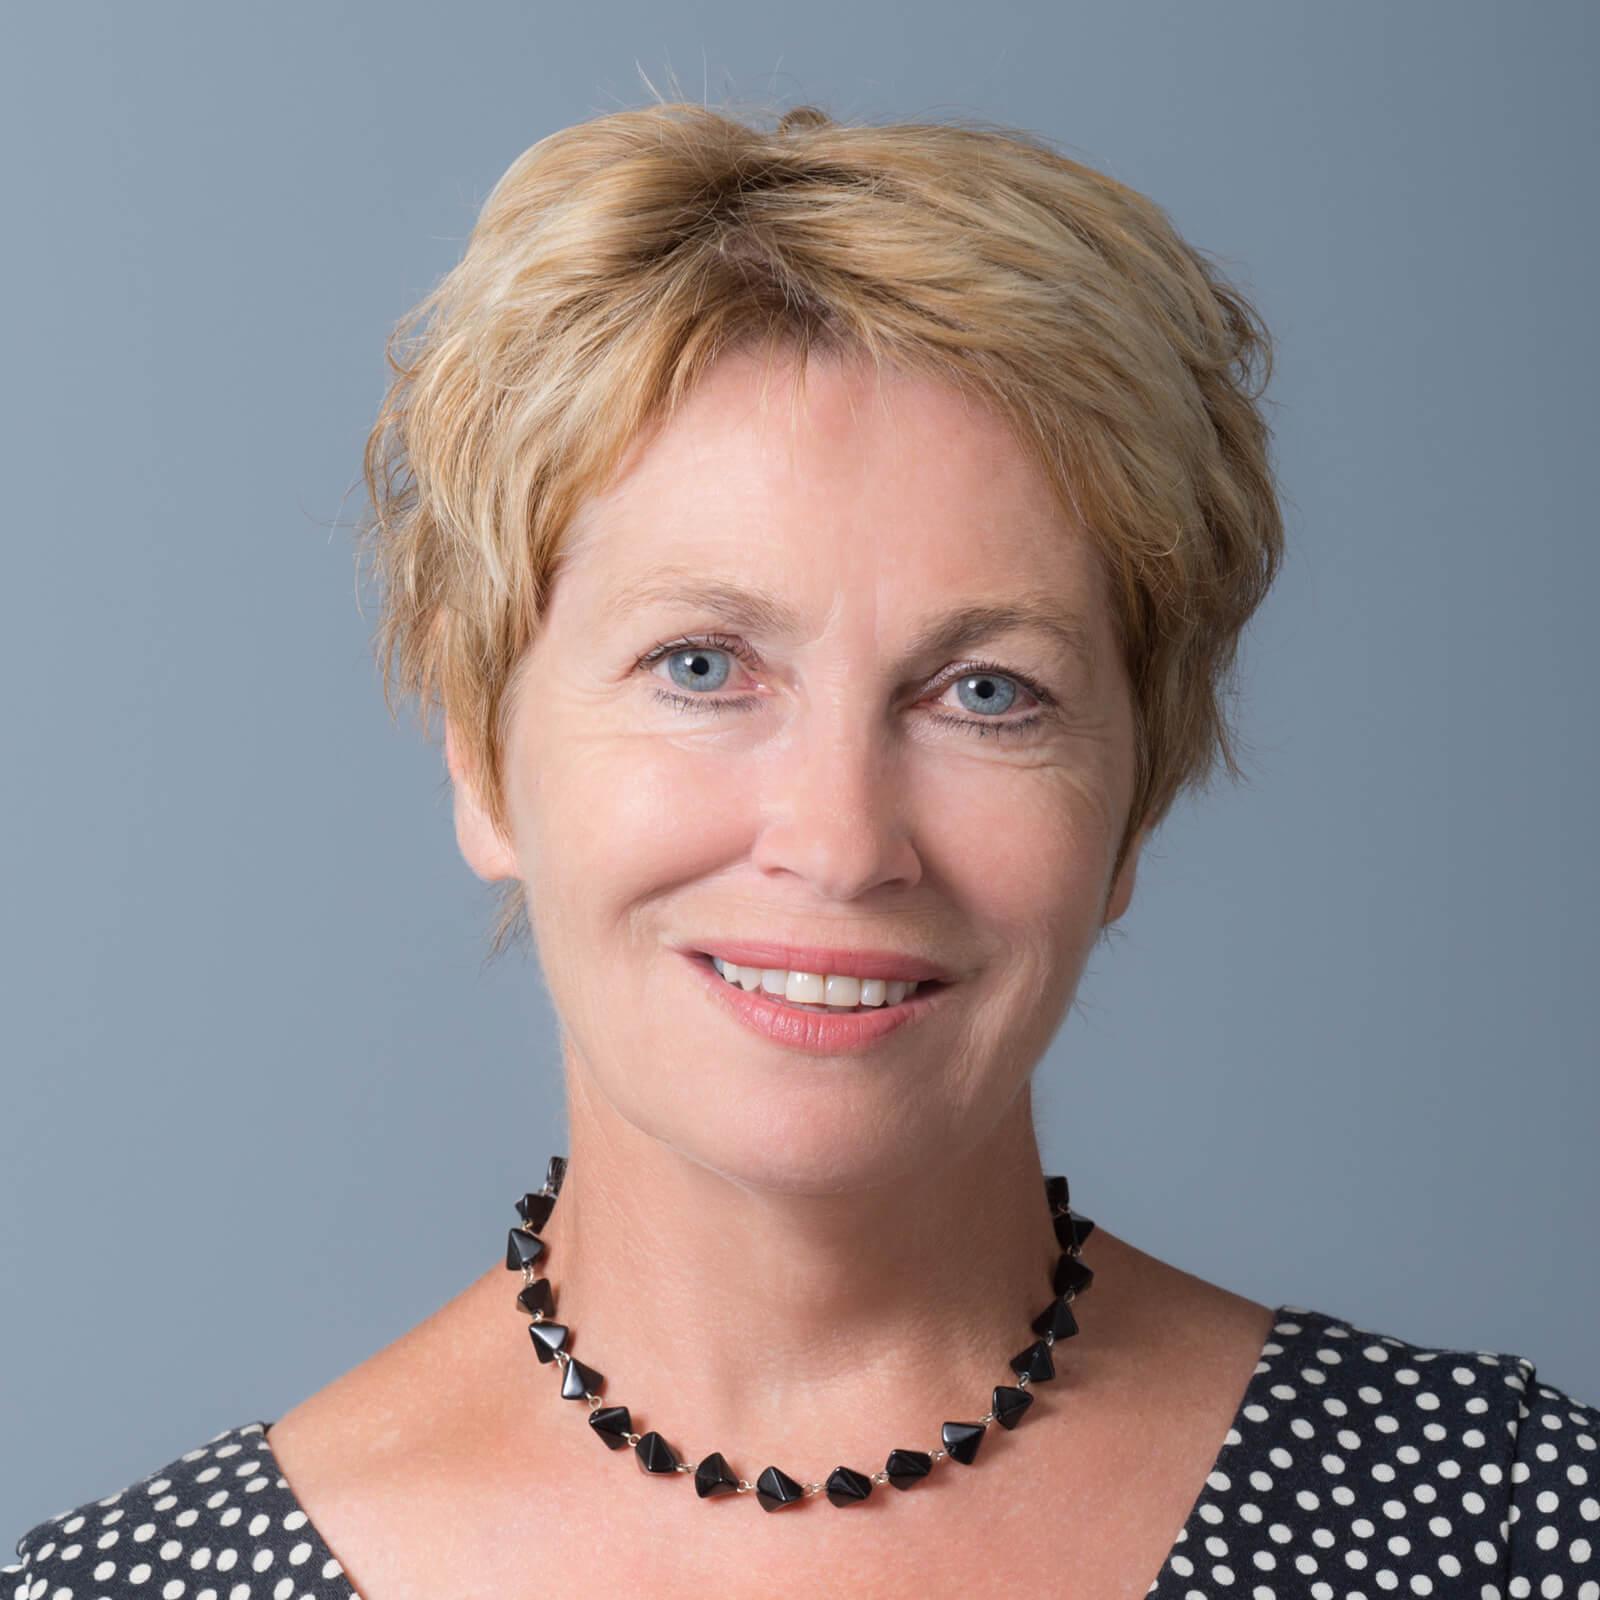 Frances Hague